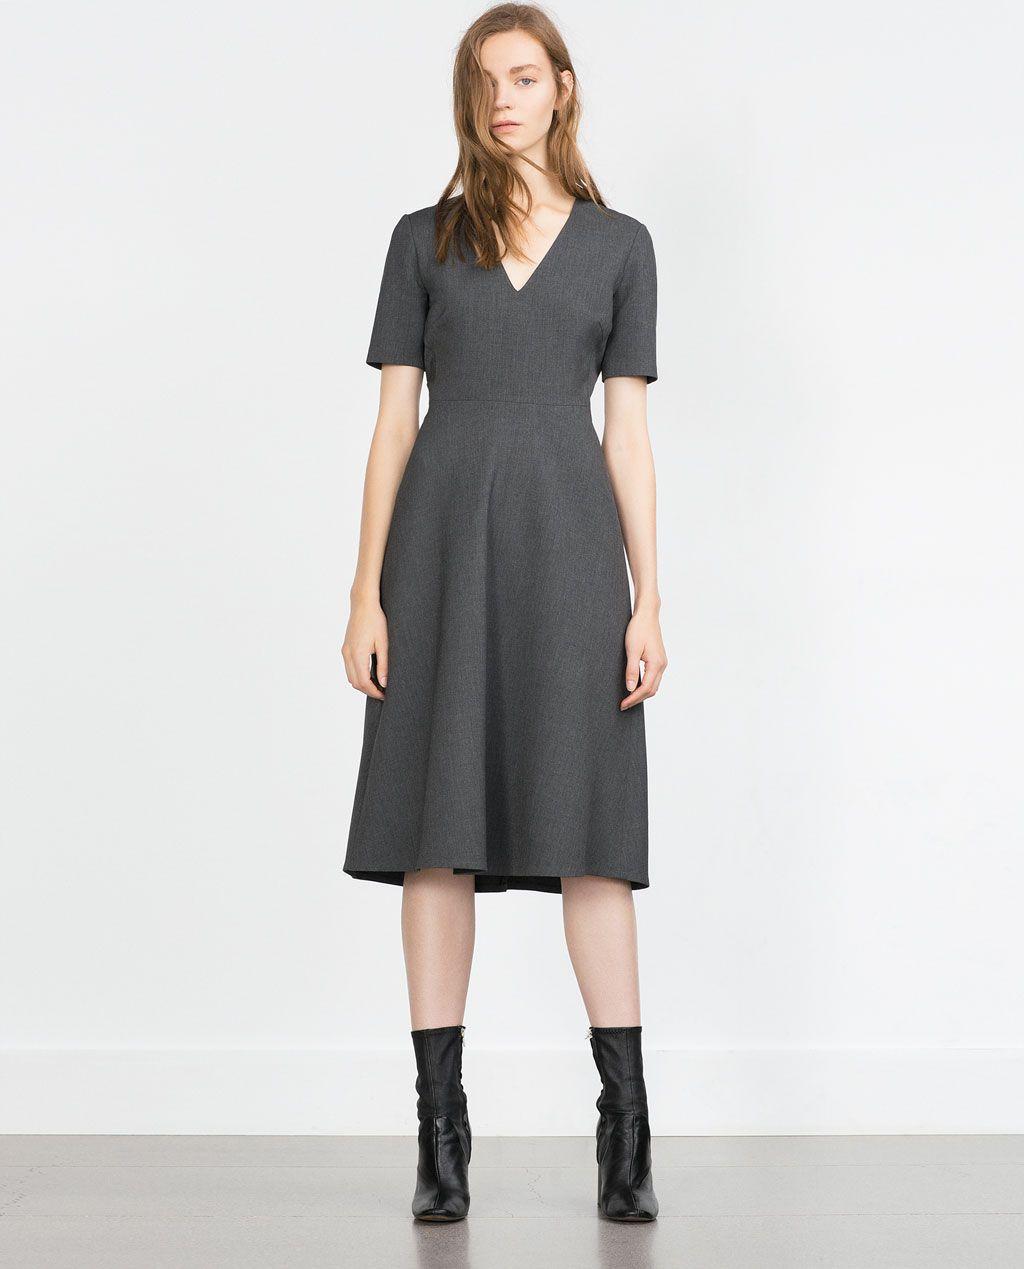 Zara mujer joven vestidos